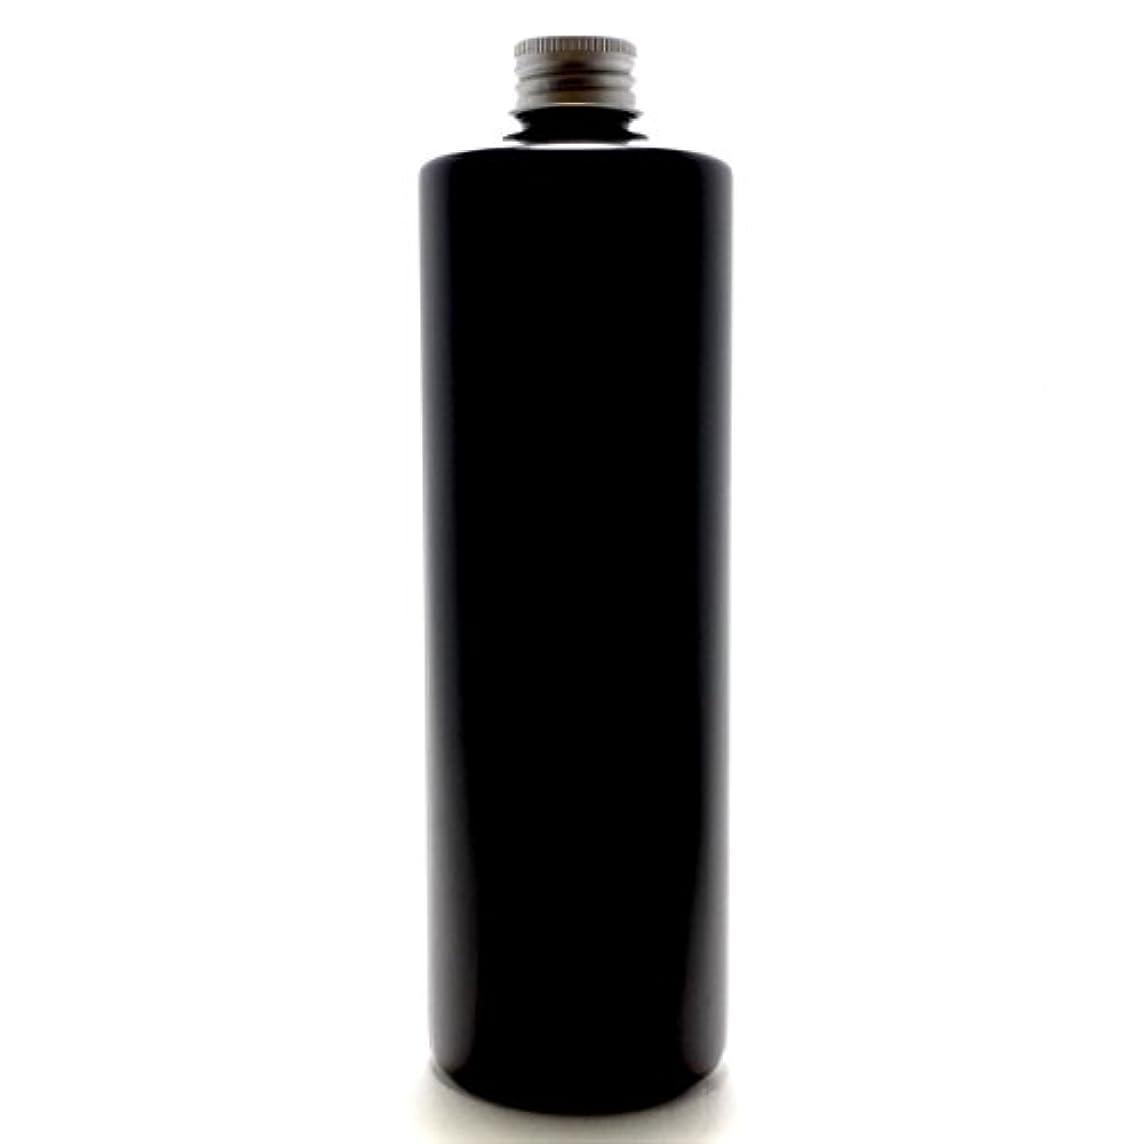 削除するピアース政権プラスチック容器 500ml PE ストレートボトル [ ボトル: 遮光黒 / アルミキャップ ]